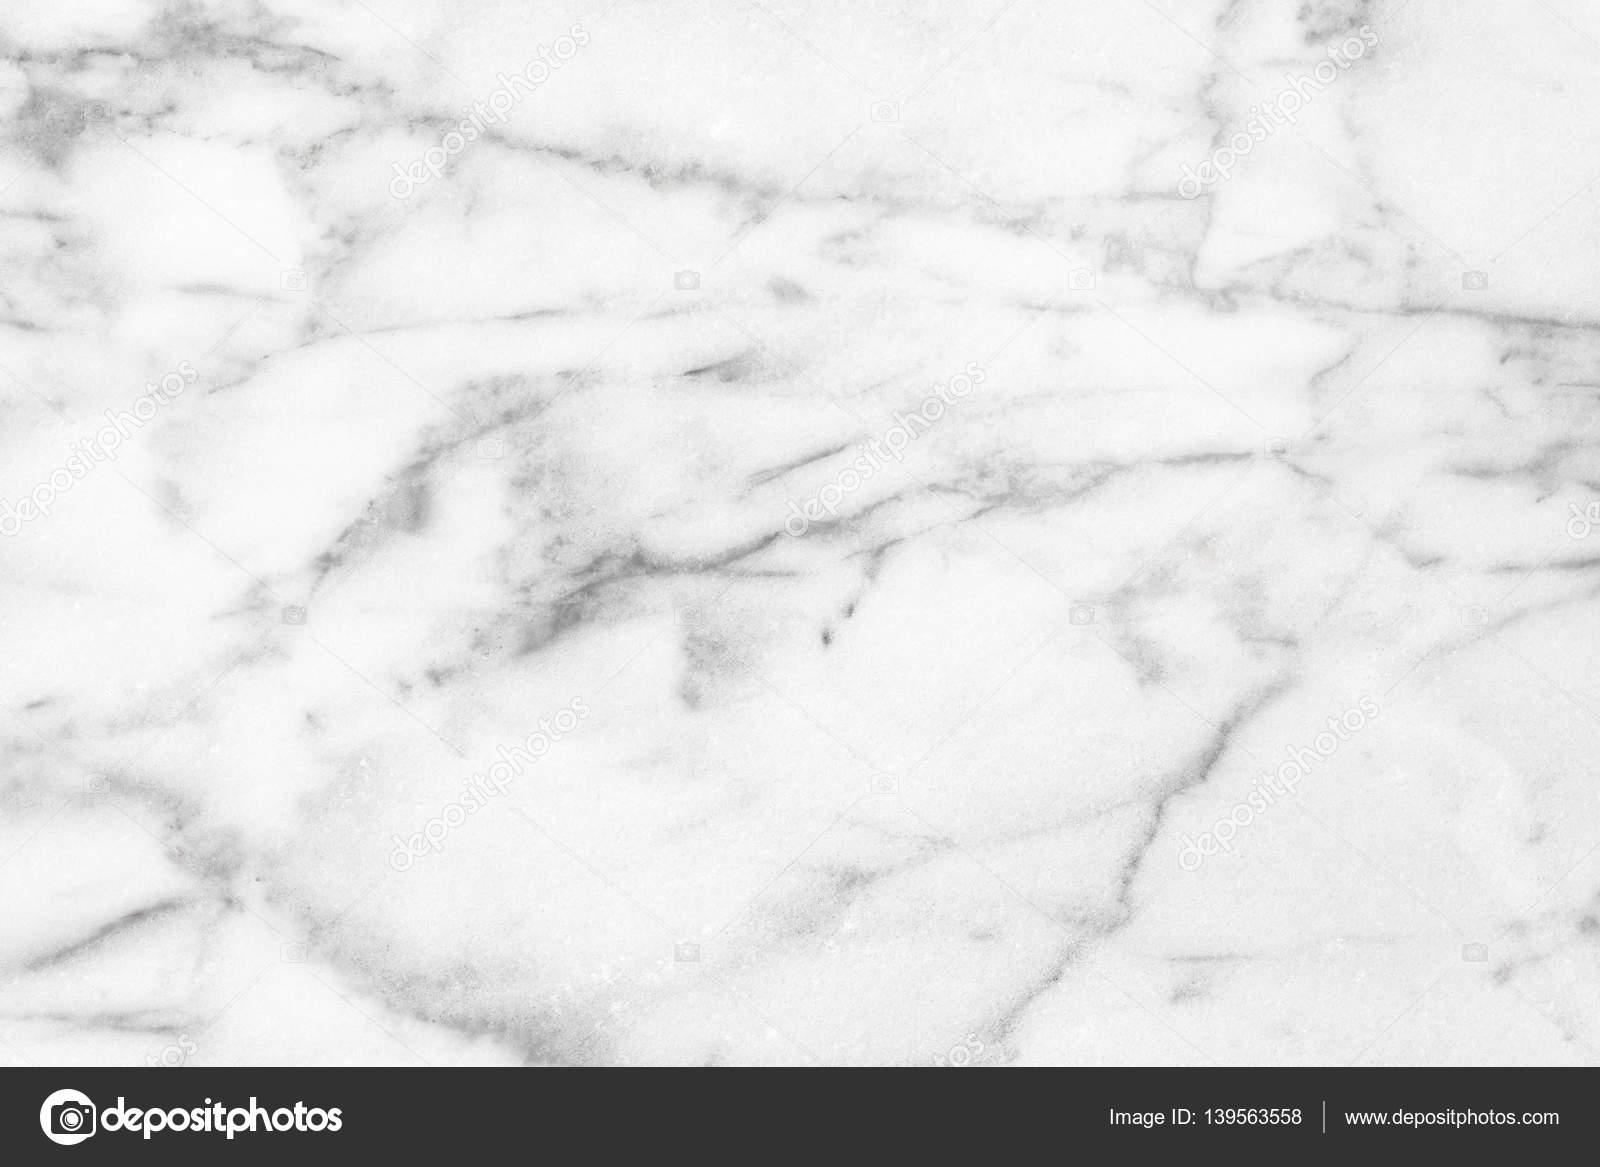 Het natuurlijke licht oppervlak wit carrara marmer voor badkamer of